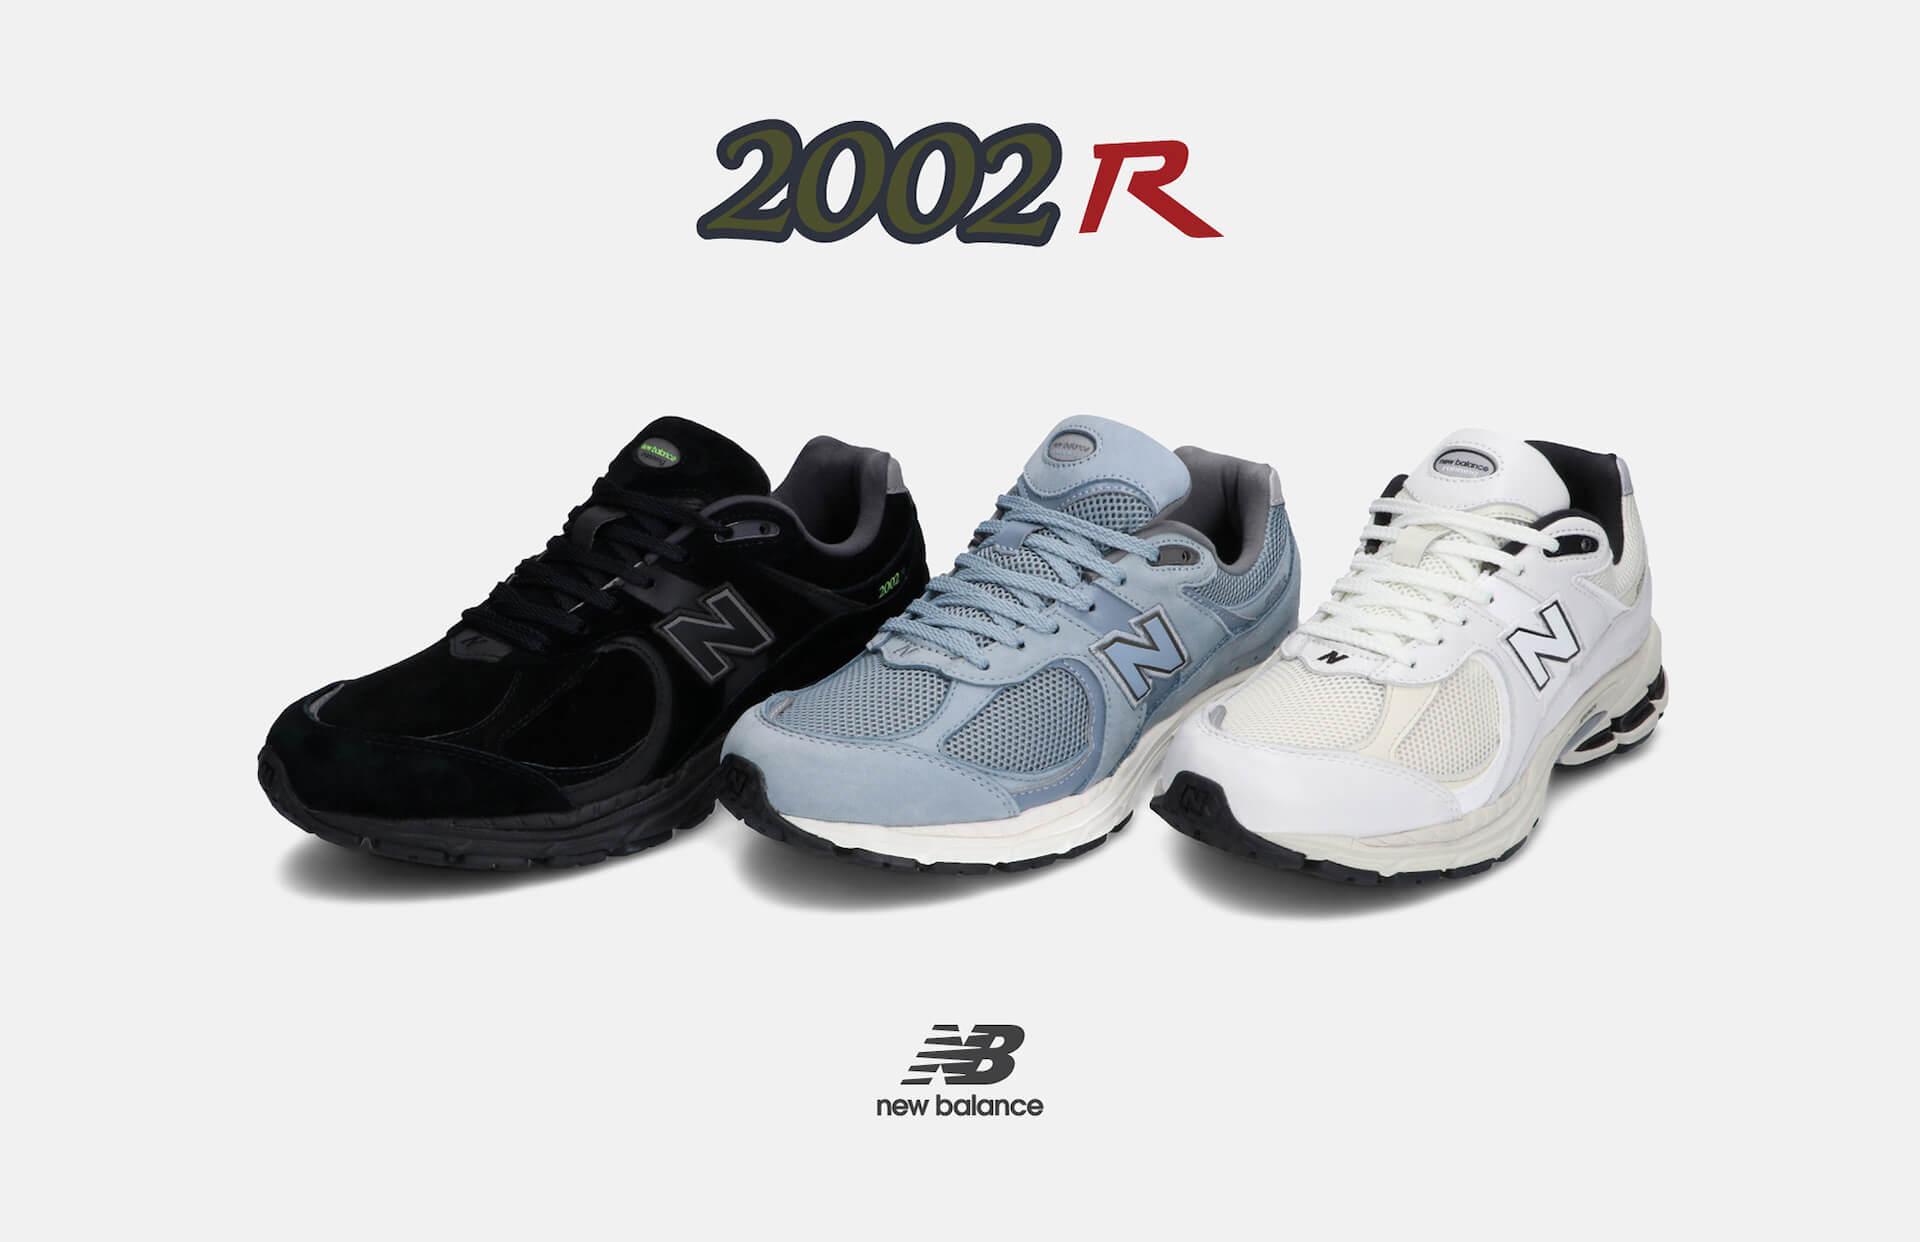 大人気のニューバランス「2002R」にアーバンカラーが新登場!ブラック、グレー、オフホワイトの3色 life210312_newbalance_2002r_1